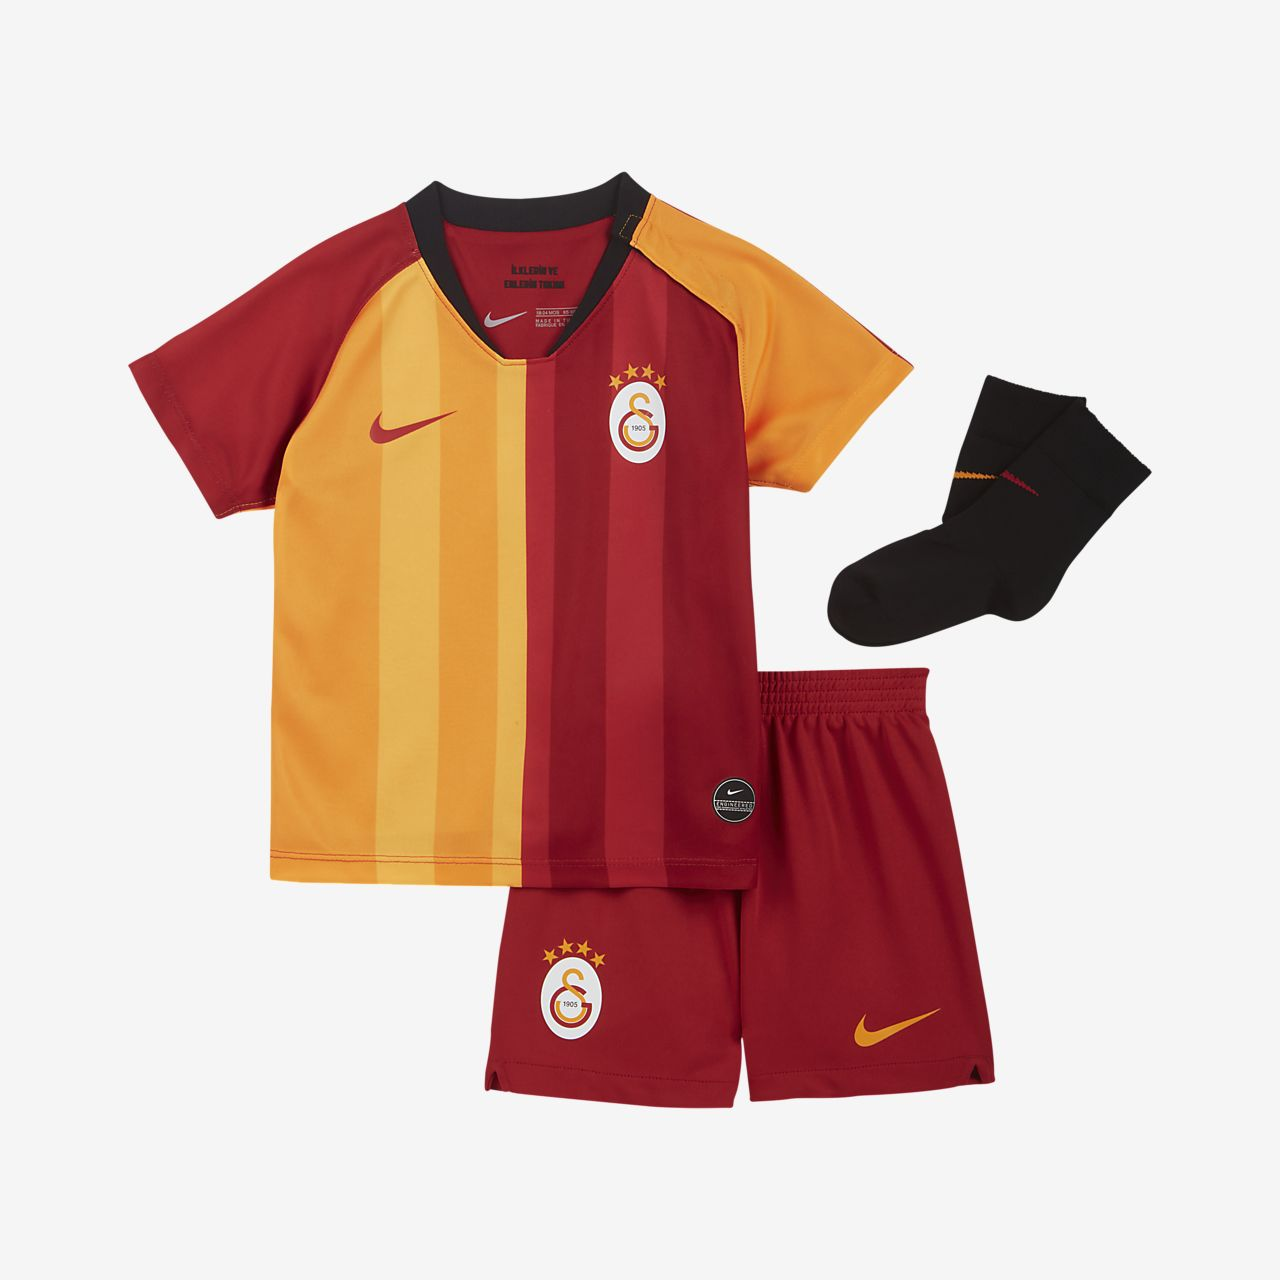 Galatasaray 2019/20 Home Fußballtrikot-Set für Babys und Kleinkinder